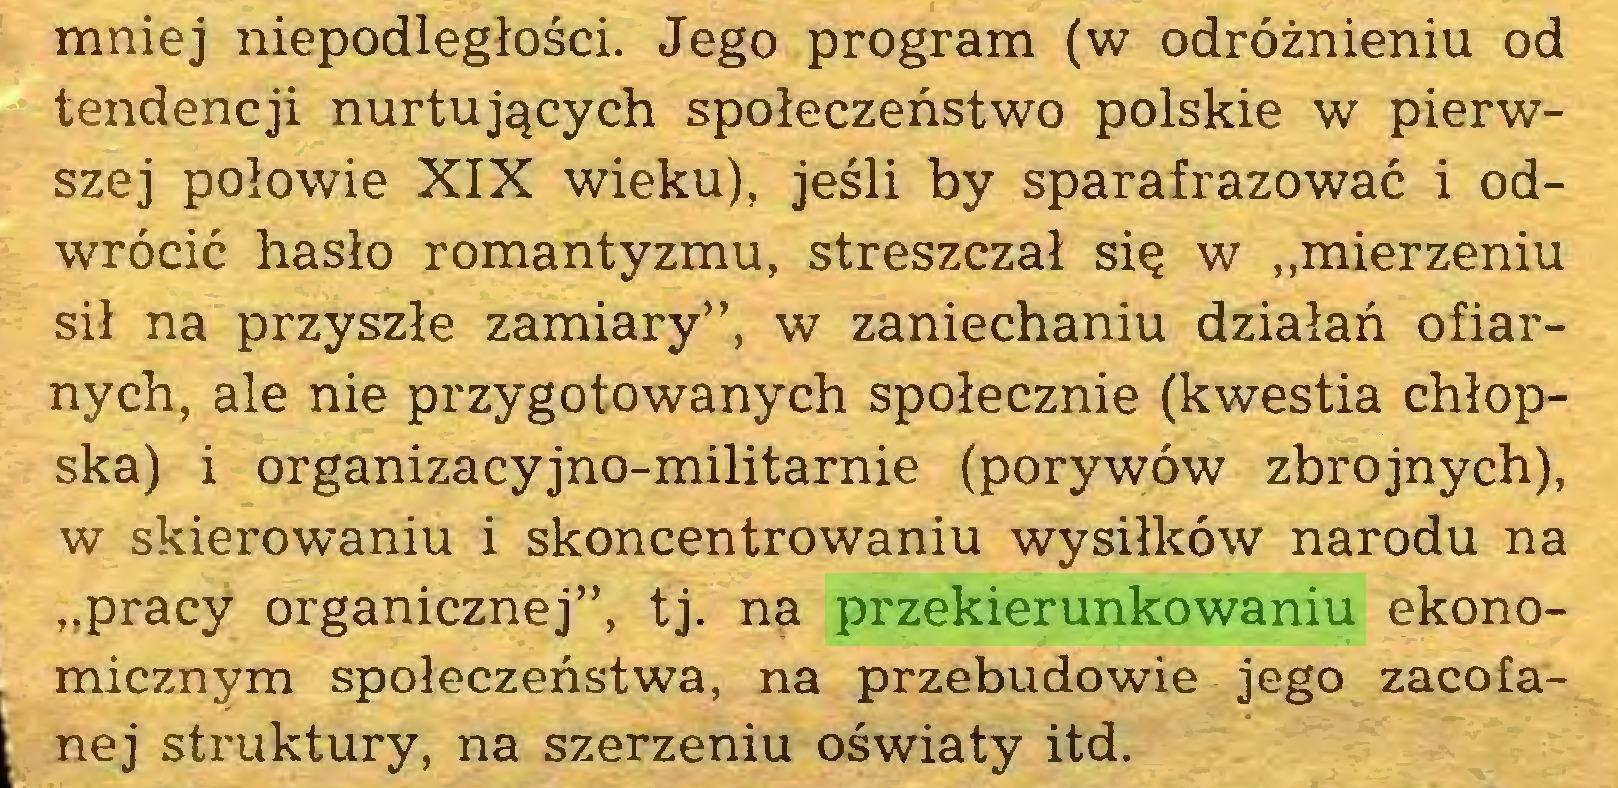 """(...) mniej niepodległości. Jego program (w odróżnieniu od tendencji nurtujących społeczeństwo polskie w pierwszej połowie XIX wieku), jeśli by sparafrazować i odwrócić hasło romantyzmu, streszczał się w """"mierzeniu sił na przyszłe zamiary'', w zaniechaniu działań ofiarnych, ale nie przygotowanych społecznie (kwestia chłopska) i organizacyjno-militarnie (porywów zbrojnych), w skierowaniu i skoncentrowaniu wysiłków narodu na """"pracy organicznej"""", tj. na przekierunkowaniu ekonomicznym społeczeństwa, na przebudowie jego zacofanej struktury, na szerzeniu oświaty itd..."""